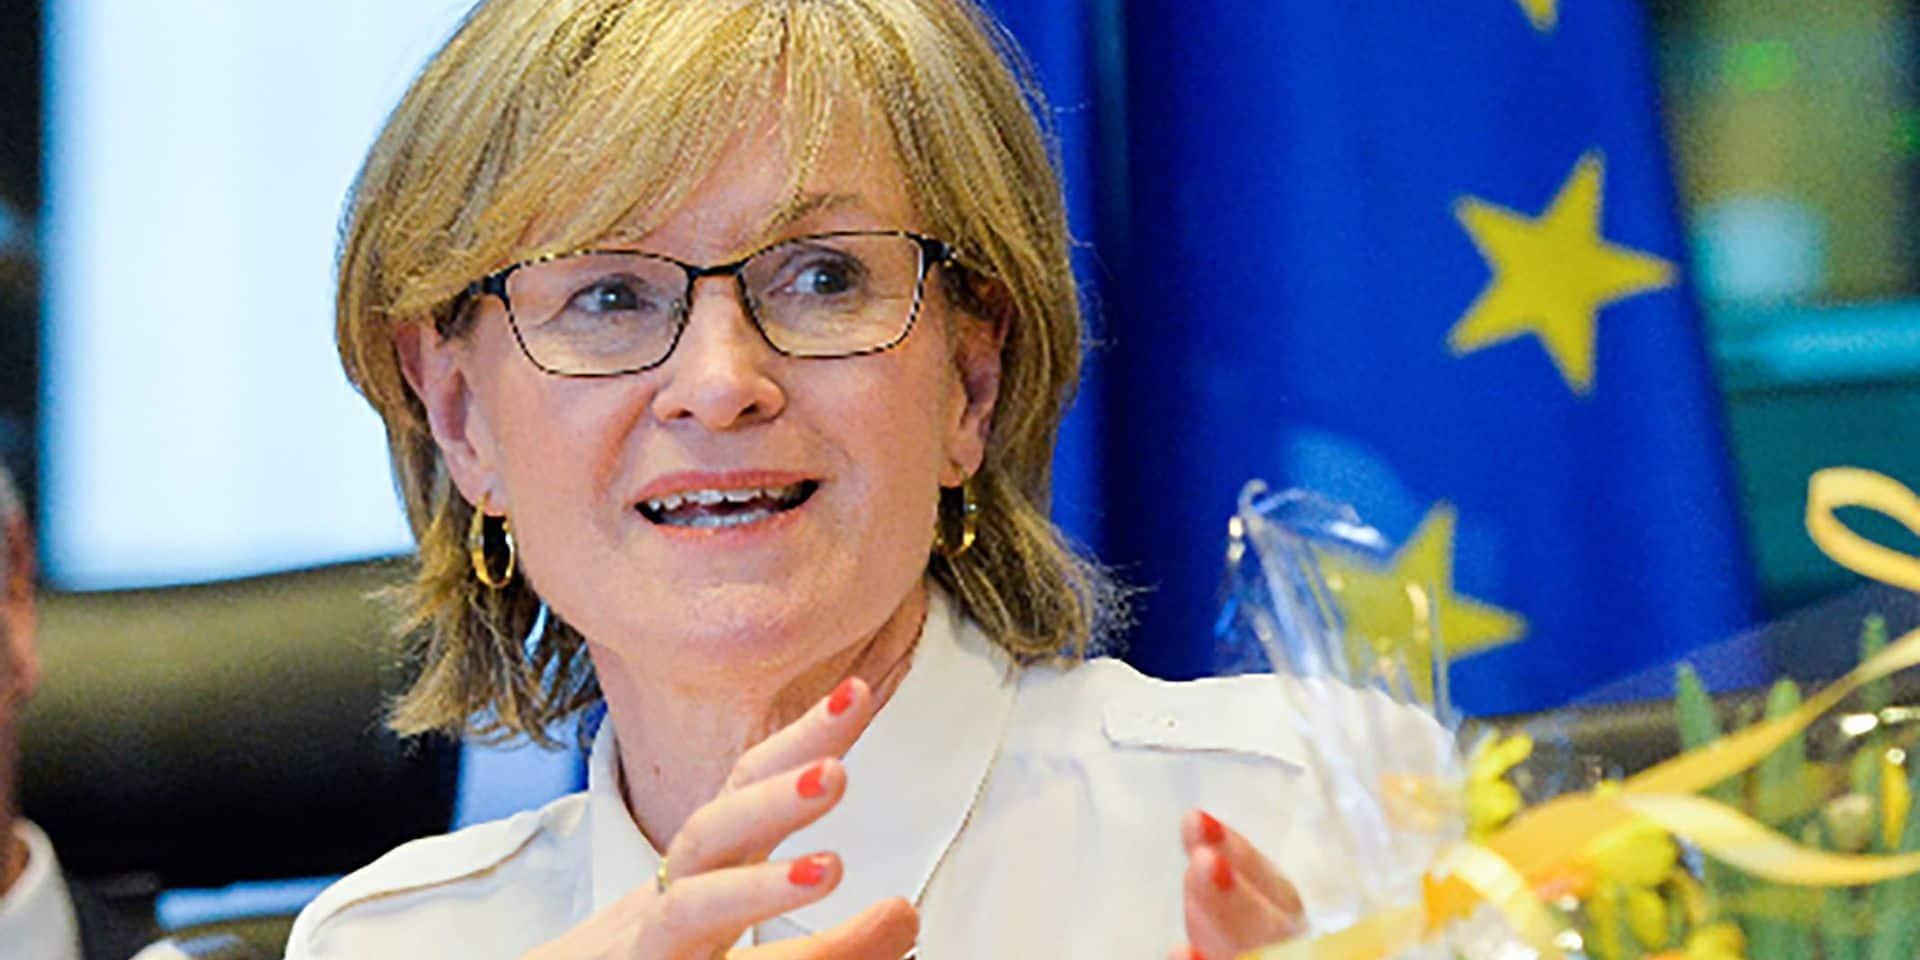 Qui est Mairead McGuinness, l'Irlandaise désignée commissaire européenne aux services financiers?